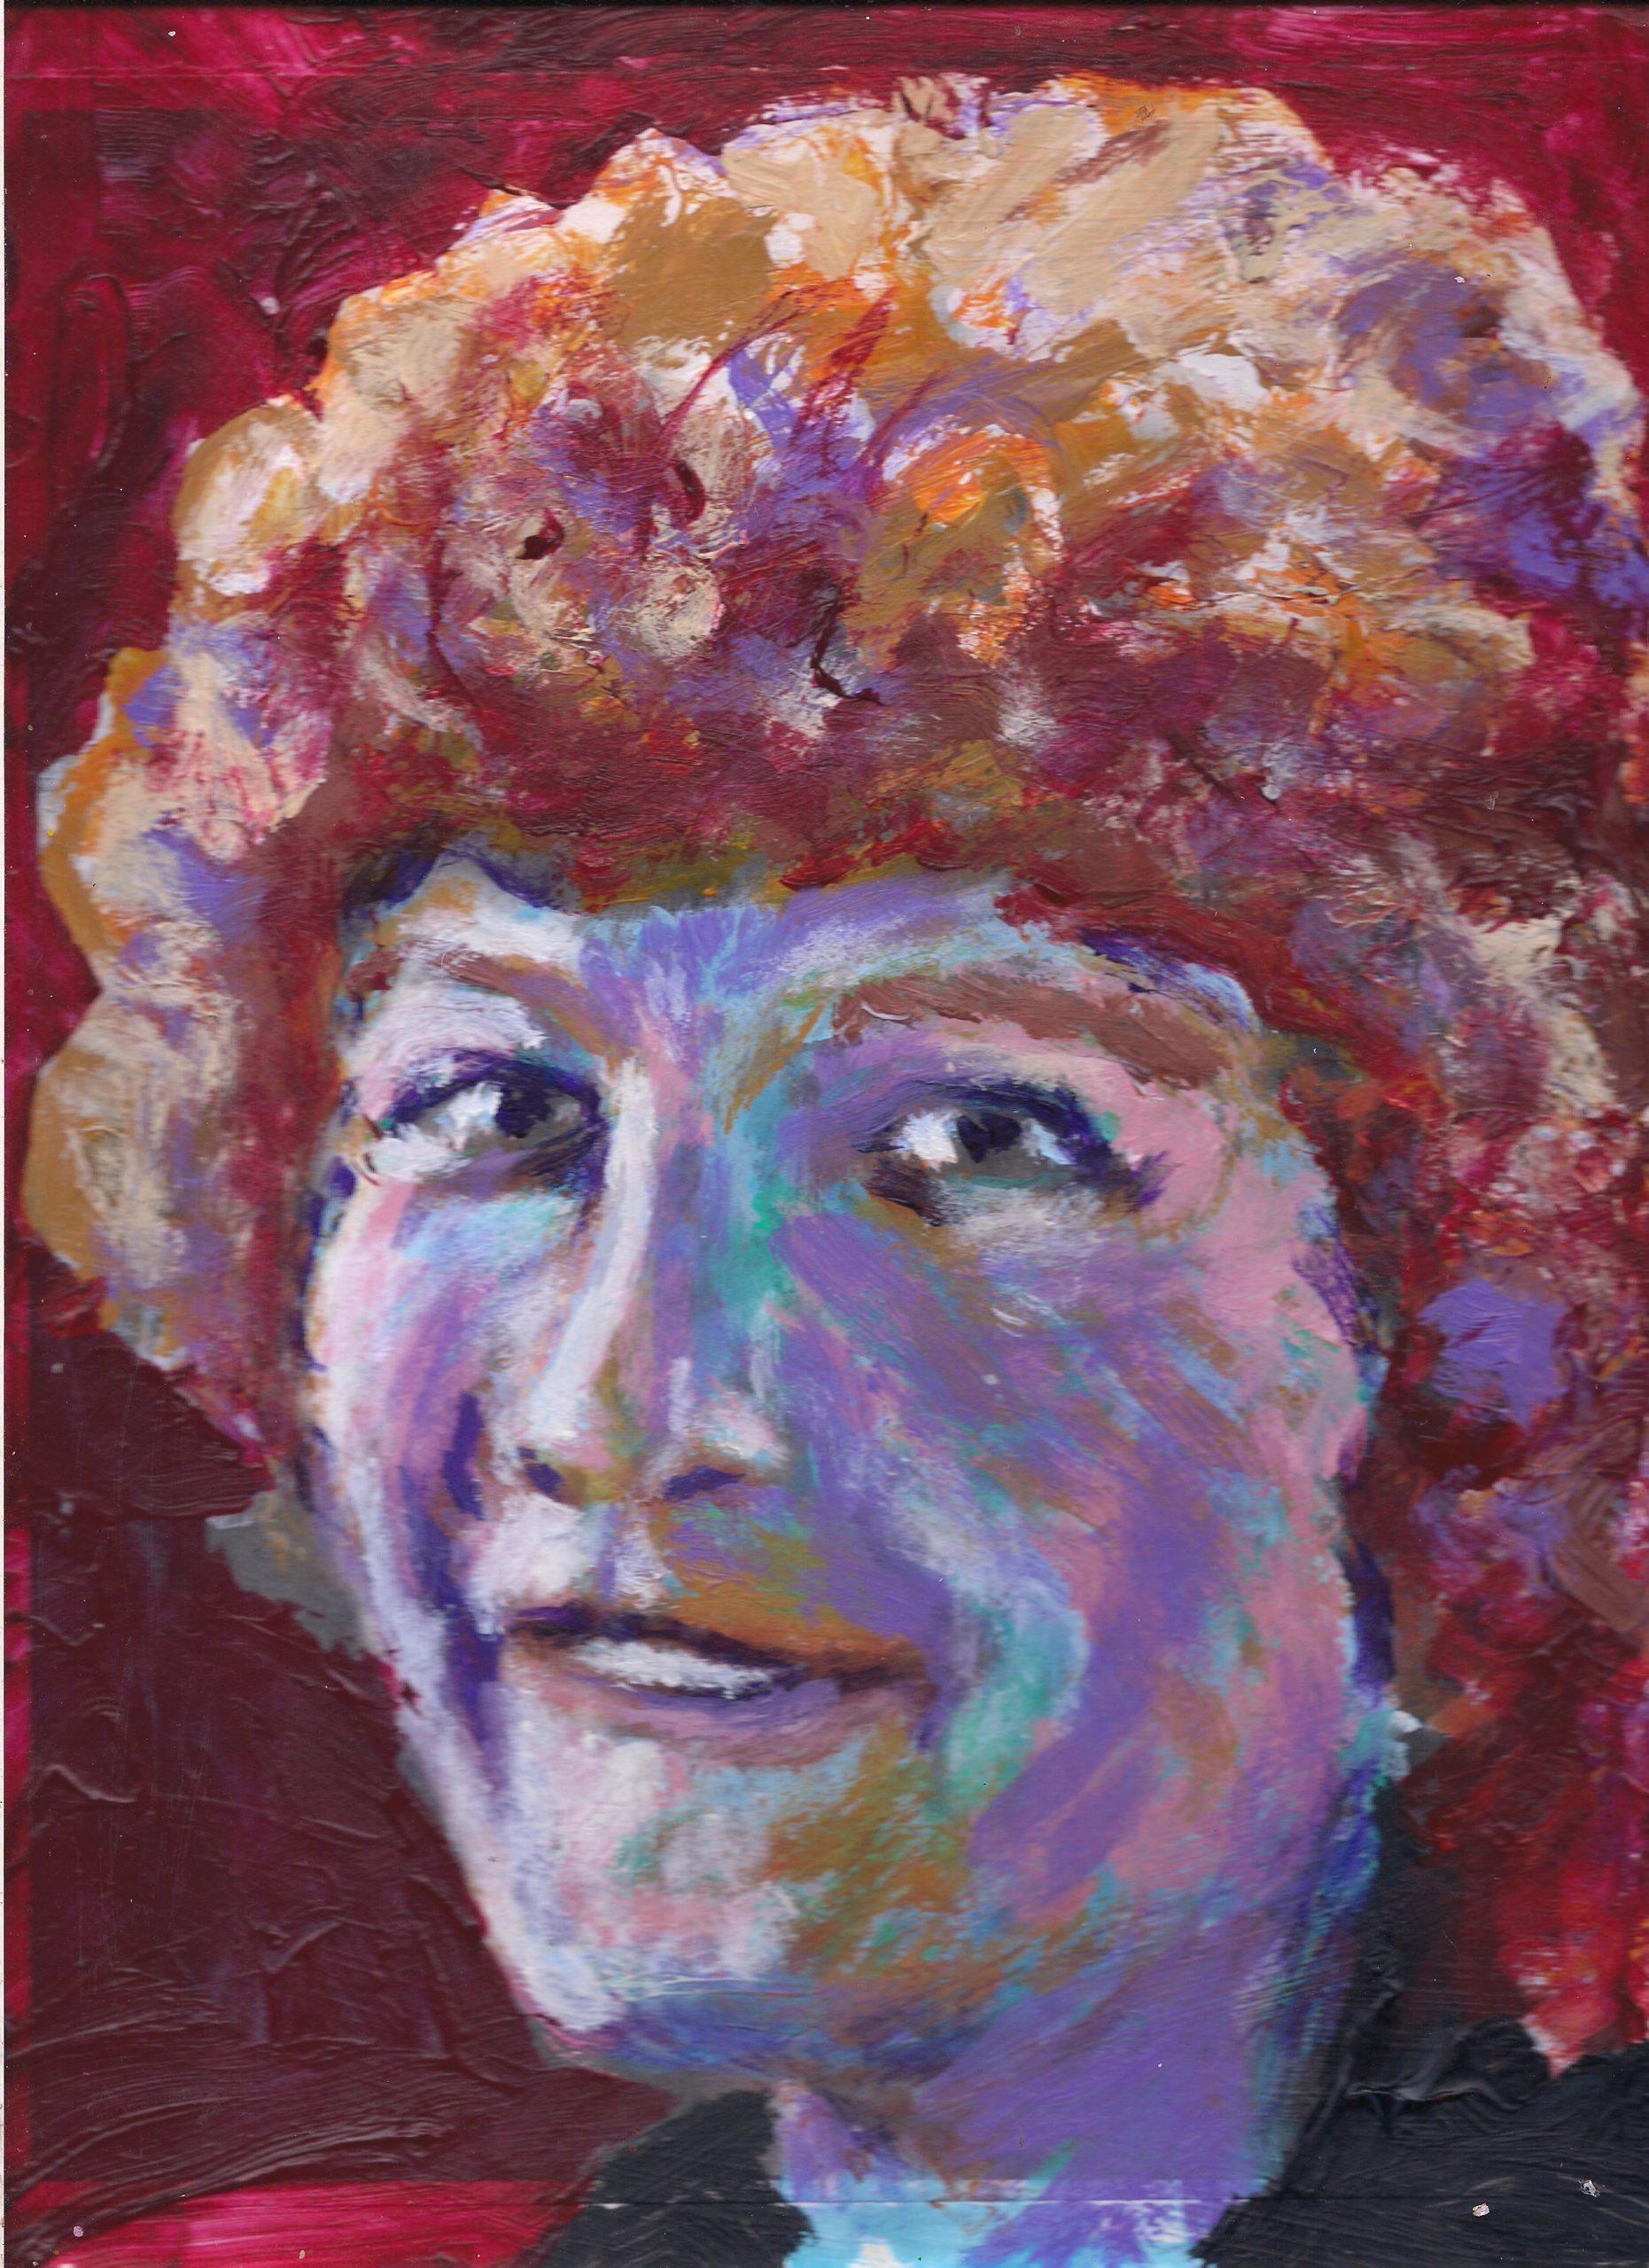 Estela Josephina Lopez de Agüero